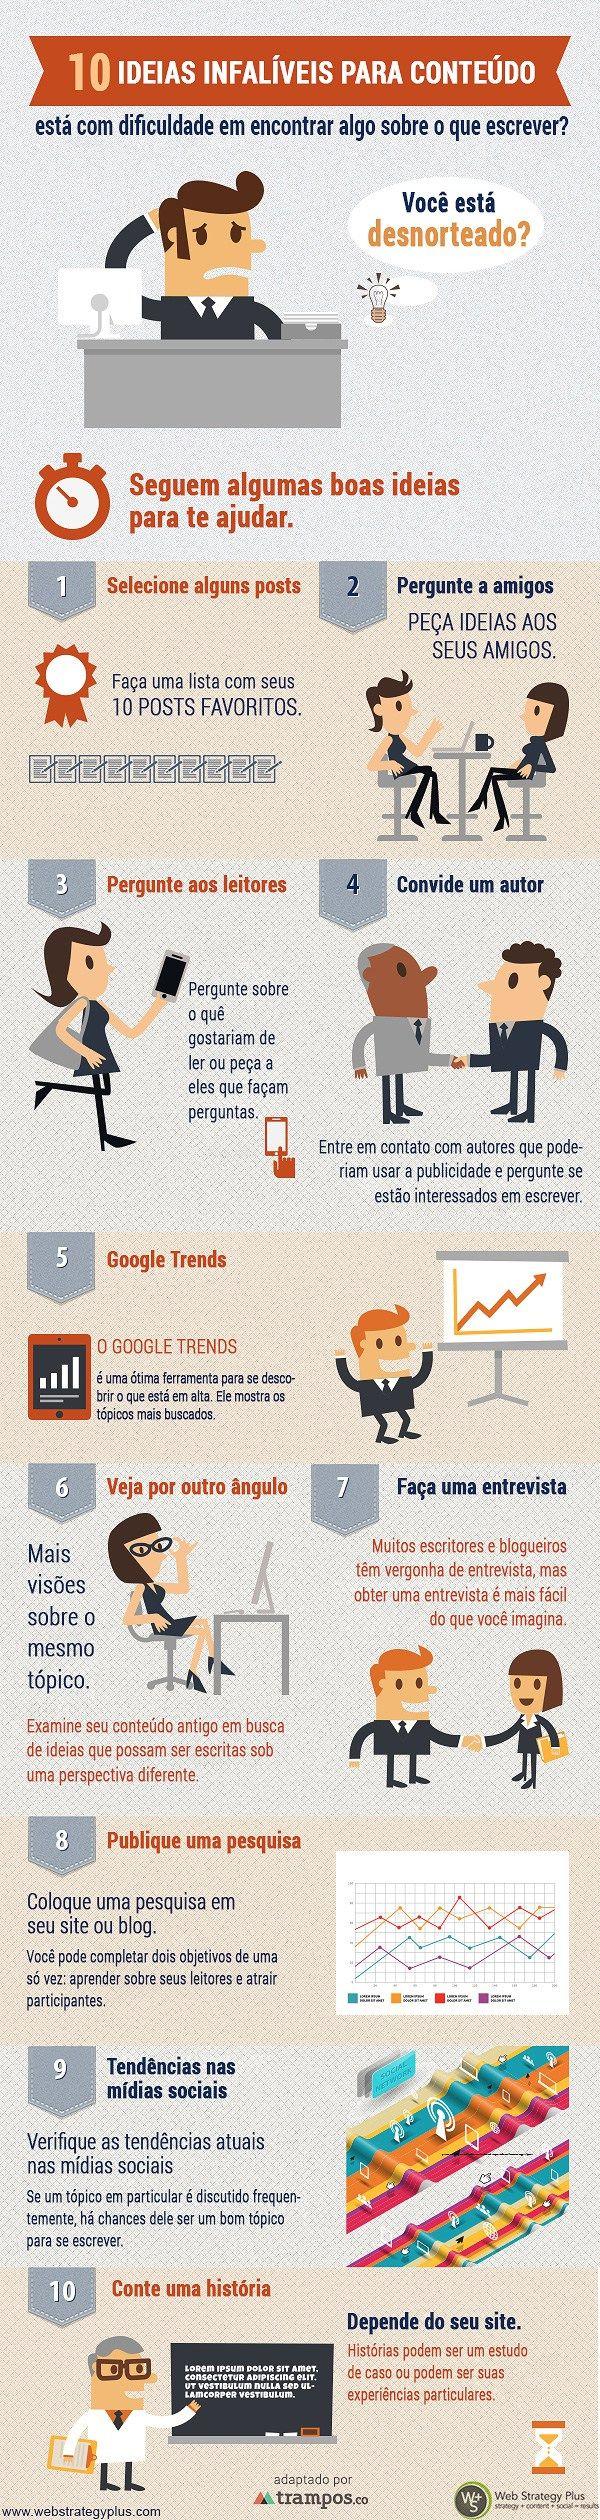 Infográfico: 10 ideias infalíveis para criar conteúdo.